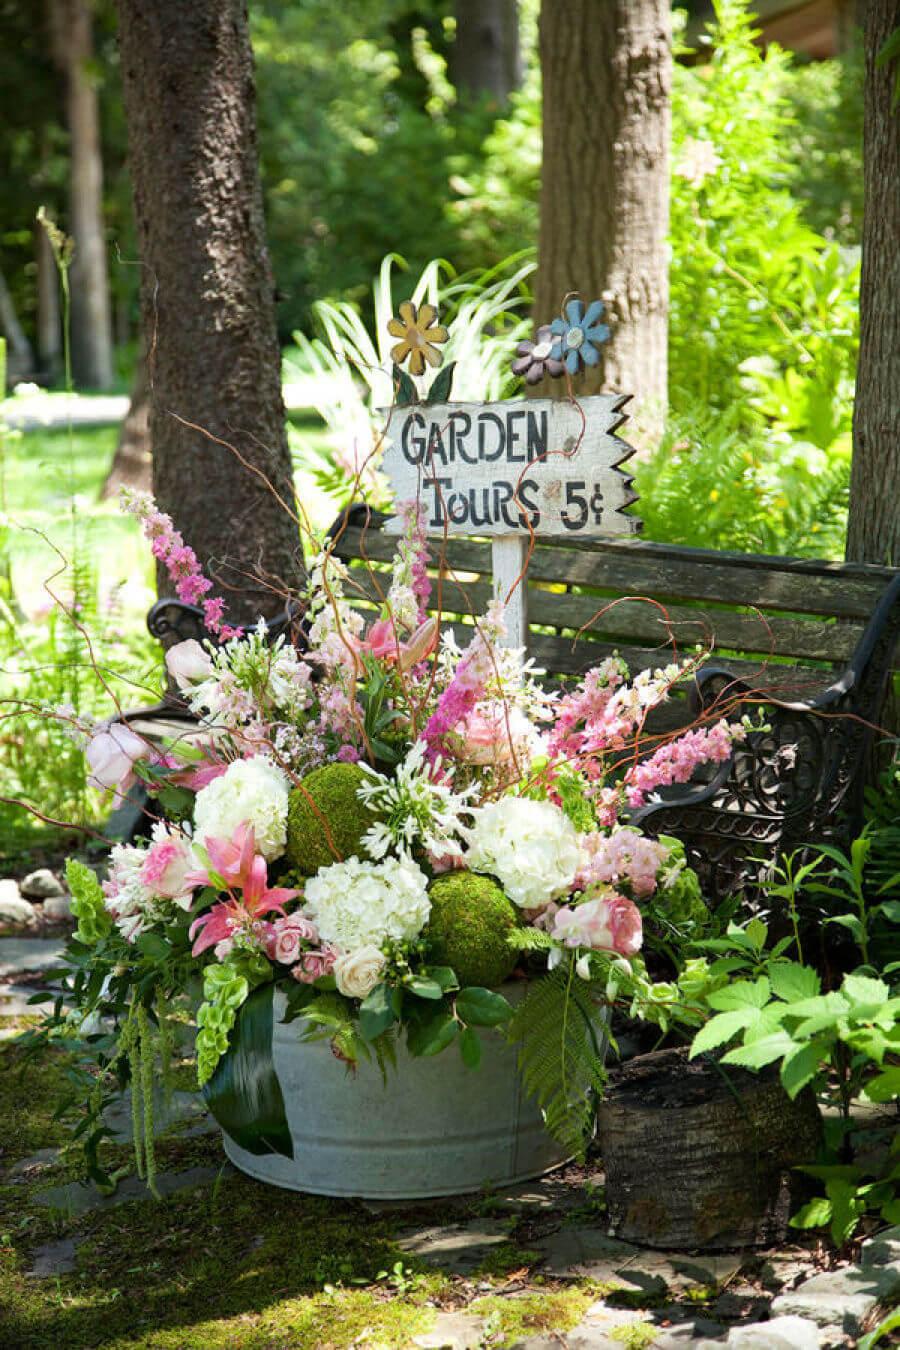 Garden Tours signe dans un conteneur en fleurs